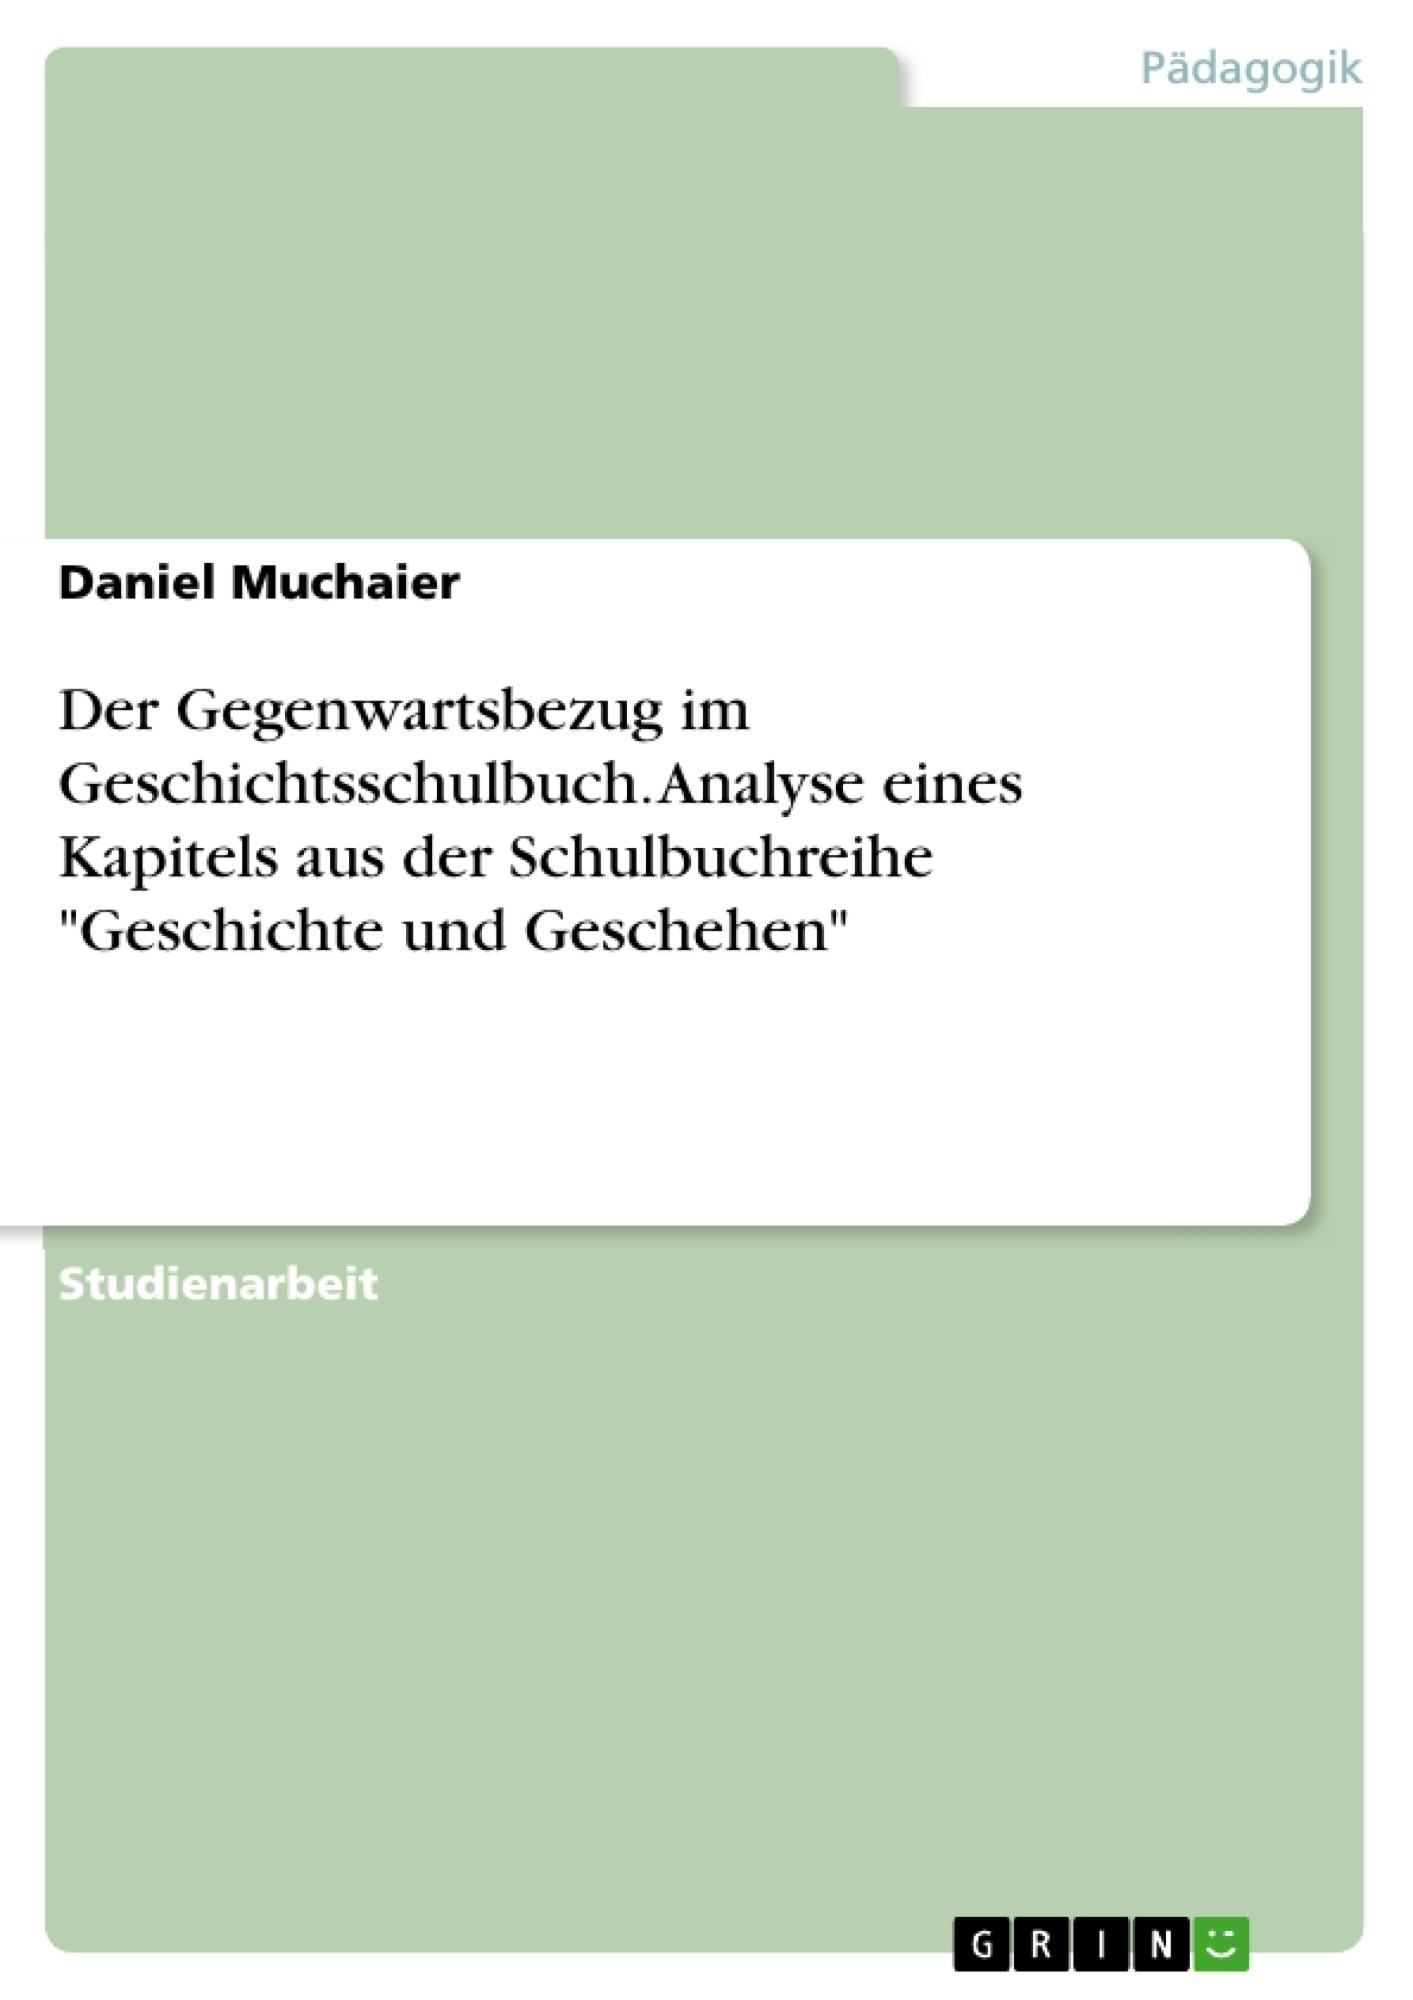 """Titel: Der Gegenwartsbezug im Geschichtsschulbuch. Analyse eines Kapitels aus der Schulbuchreihe """"Geschichte und Geschehen"""""""